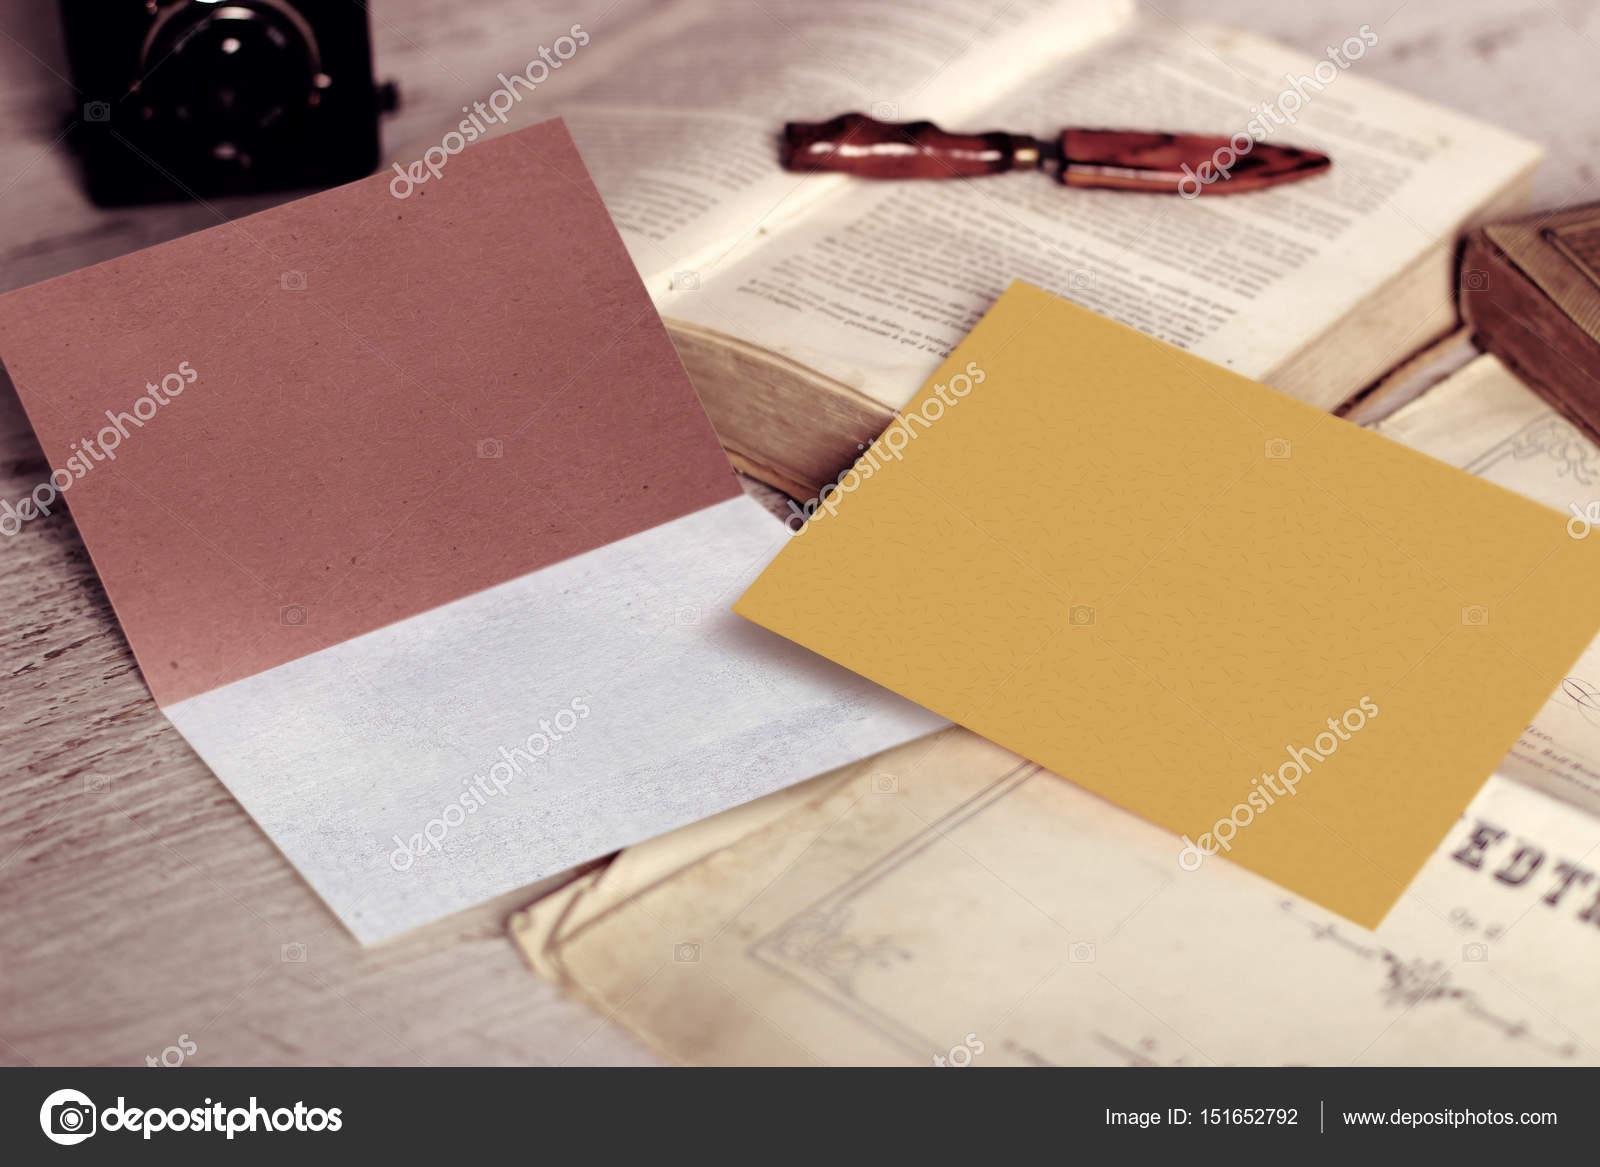 Pour Une Utilisation Dans Les Invitations Cartes Postales Un Logo Ou Menu Sur Table En Bois Vision Angulaire Image De Loud Mango